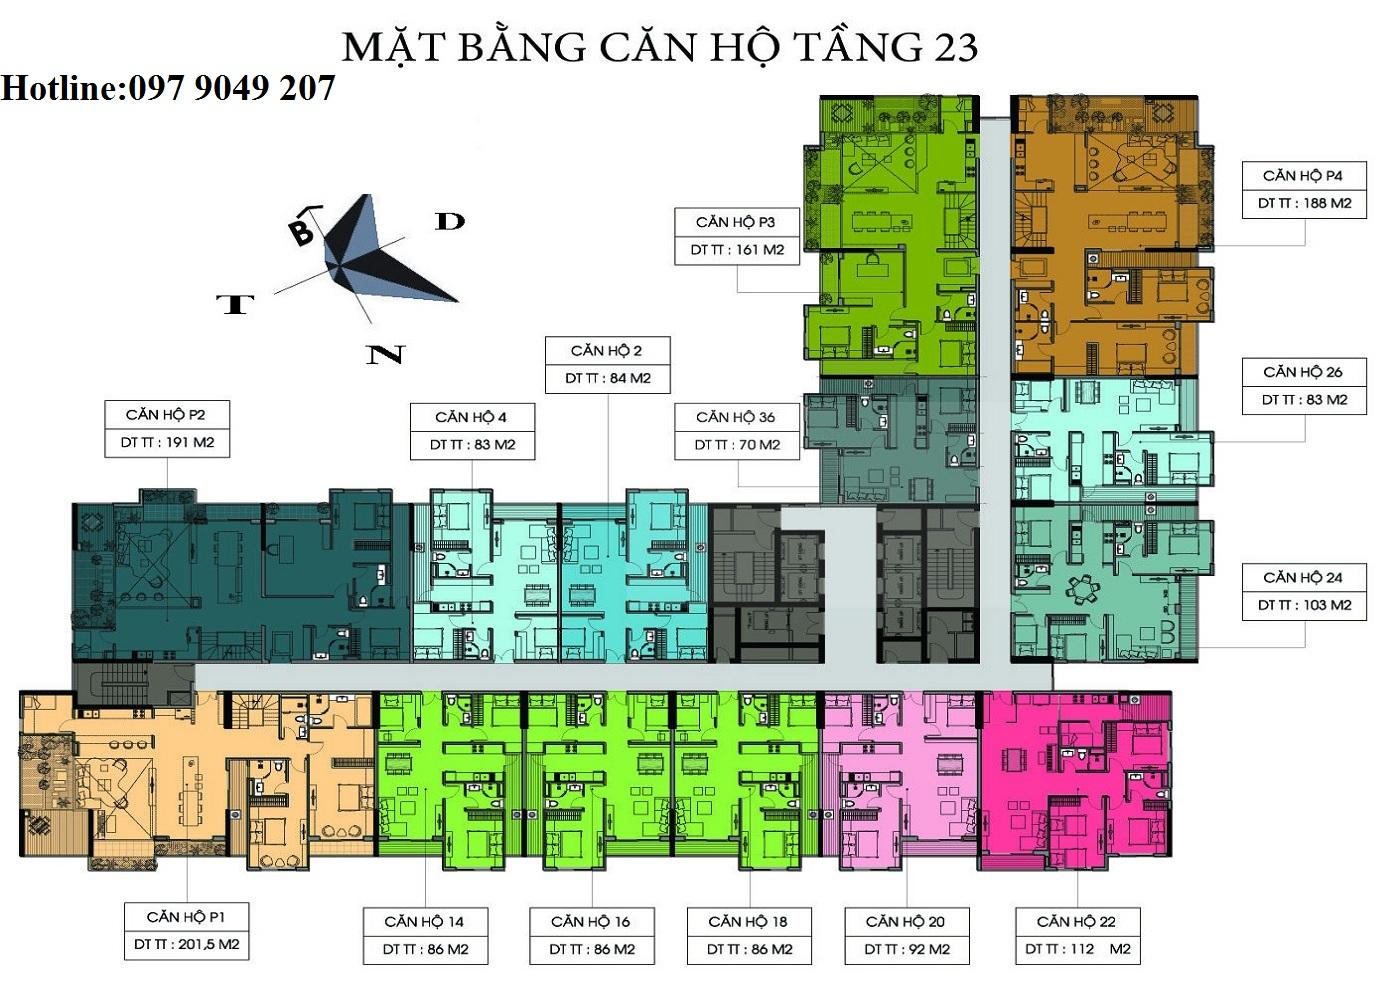 Mat-bang-tsg-lotus-sai-dong-tang-23